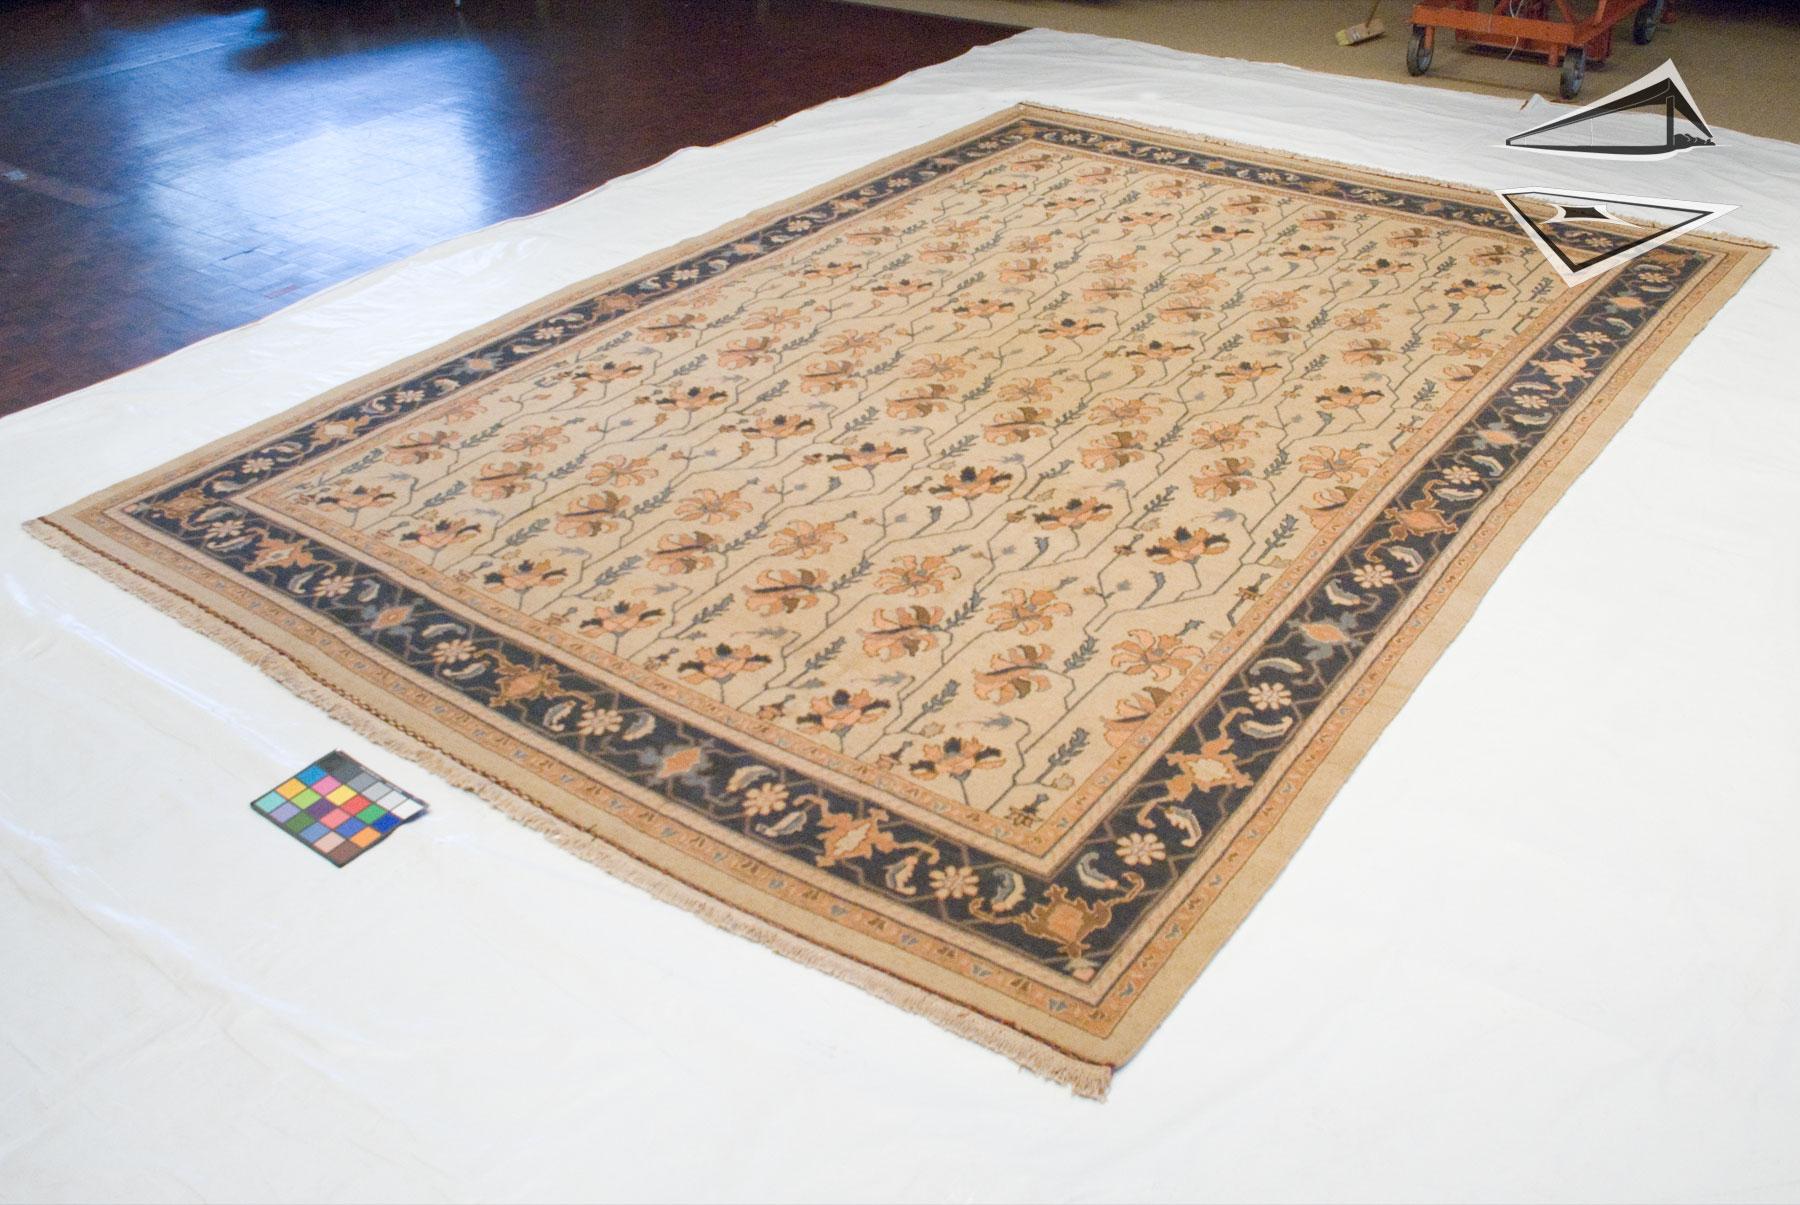 10 X 12 Carpet Bing Images